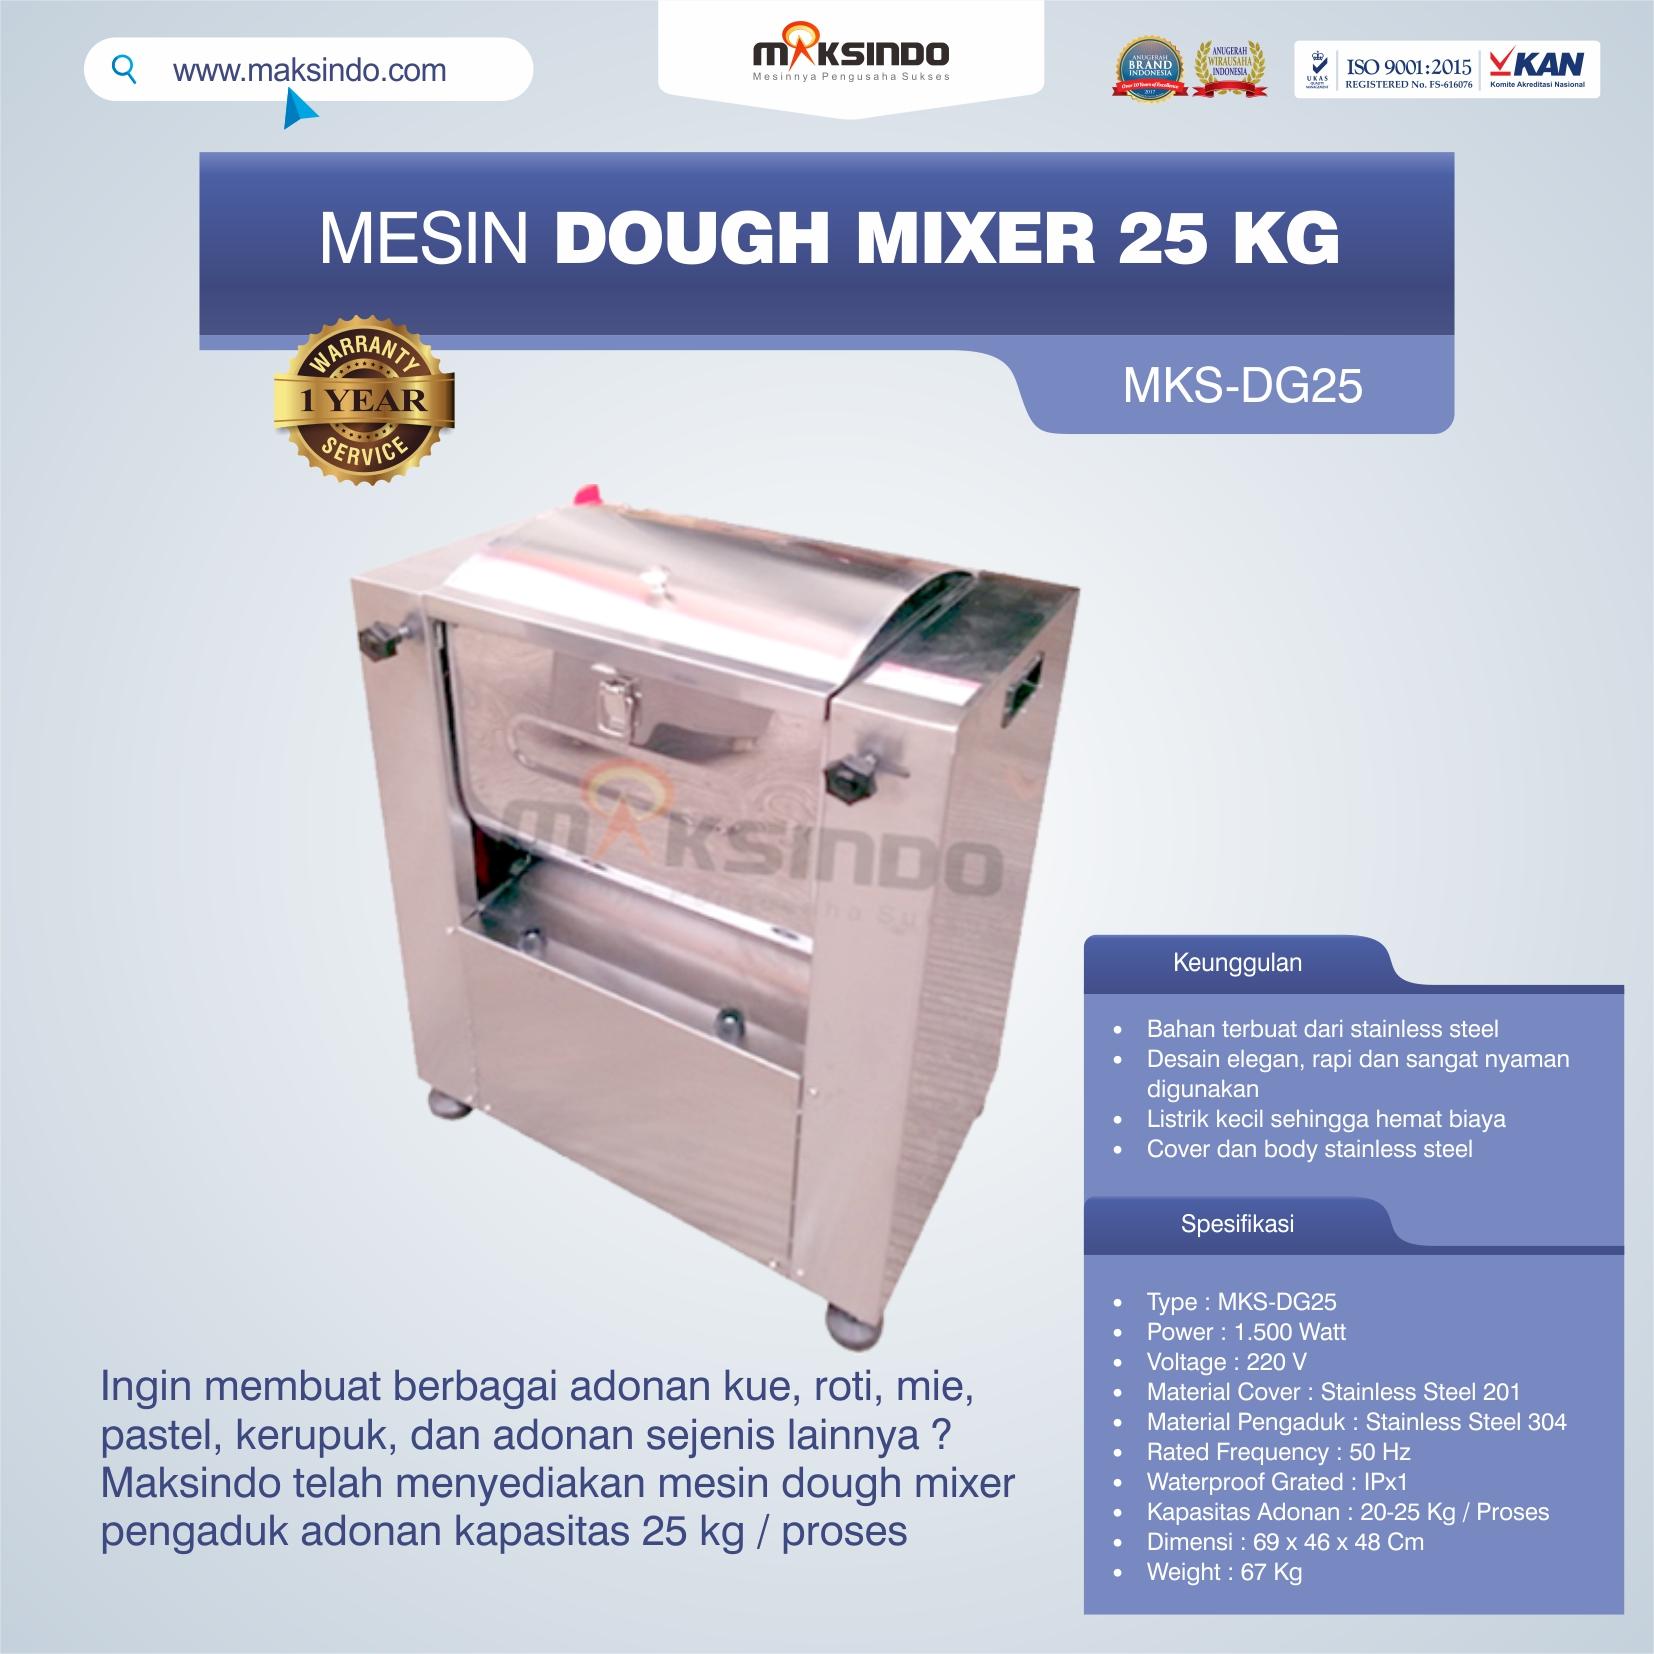 Jual Mesin Dough Mixer 25 kg (MKS-DG25) di Tangerang